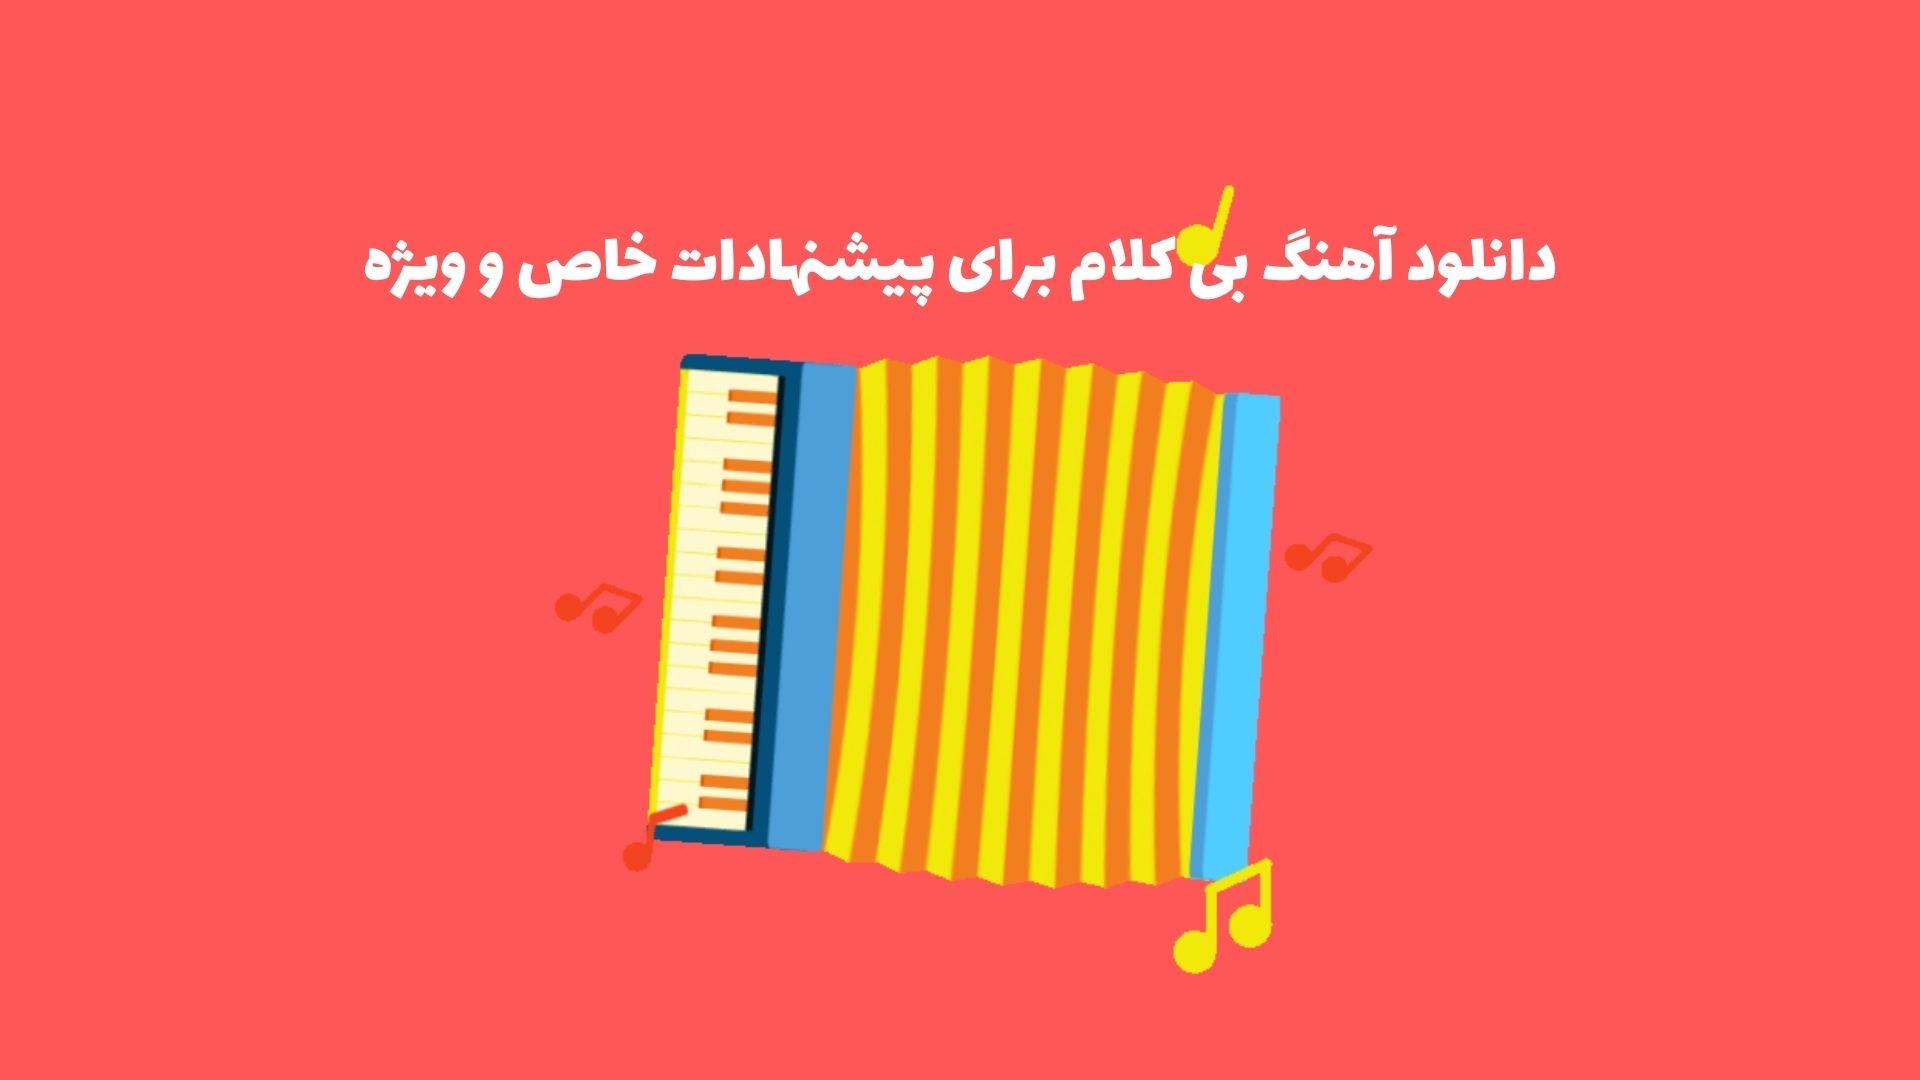 دانلود آهنگ بی کلام برای پیشنهادات خاص و ویژه